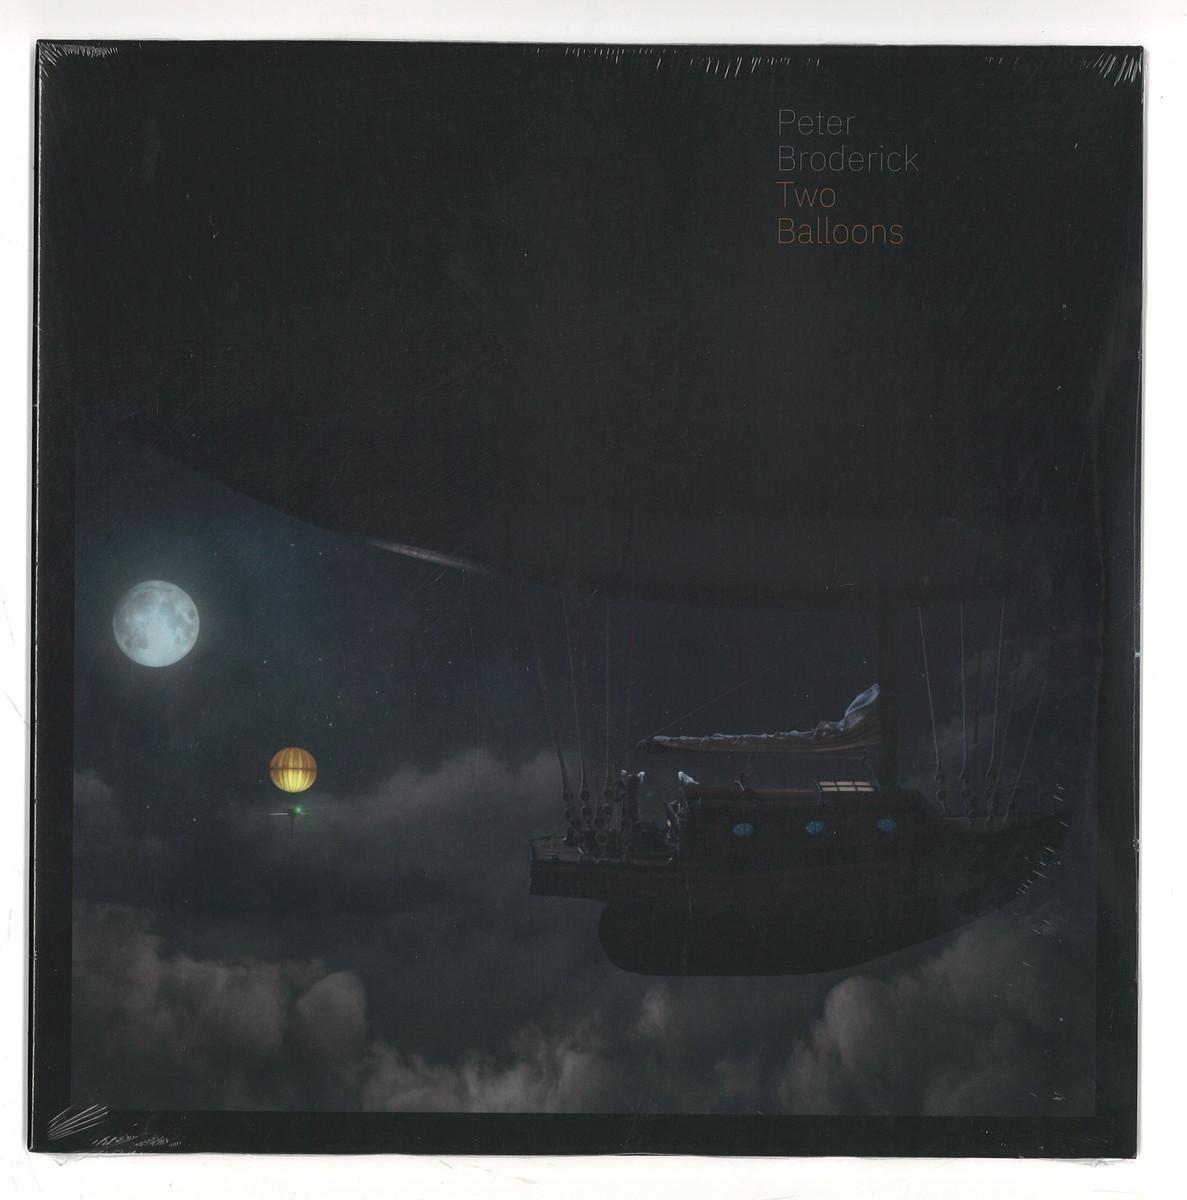 eeee806a2 deejay.de - On The Corner Records